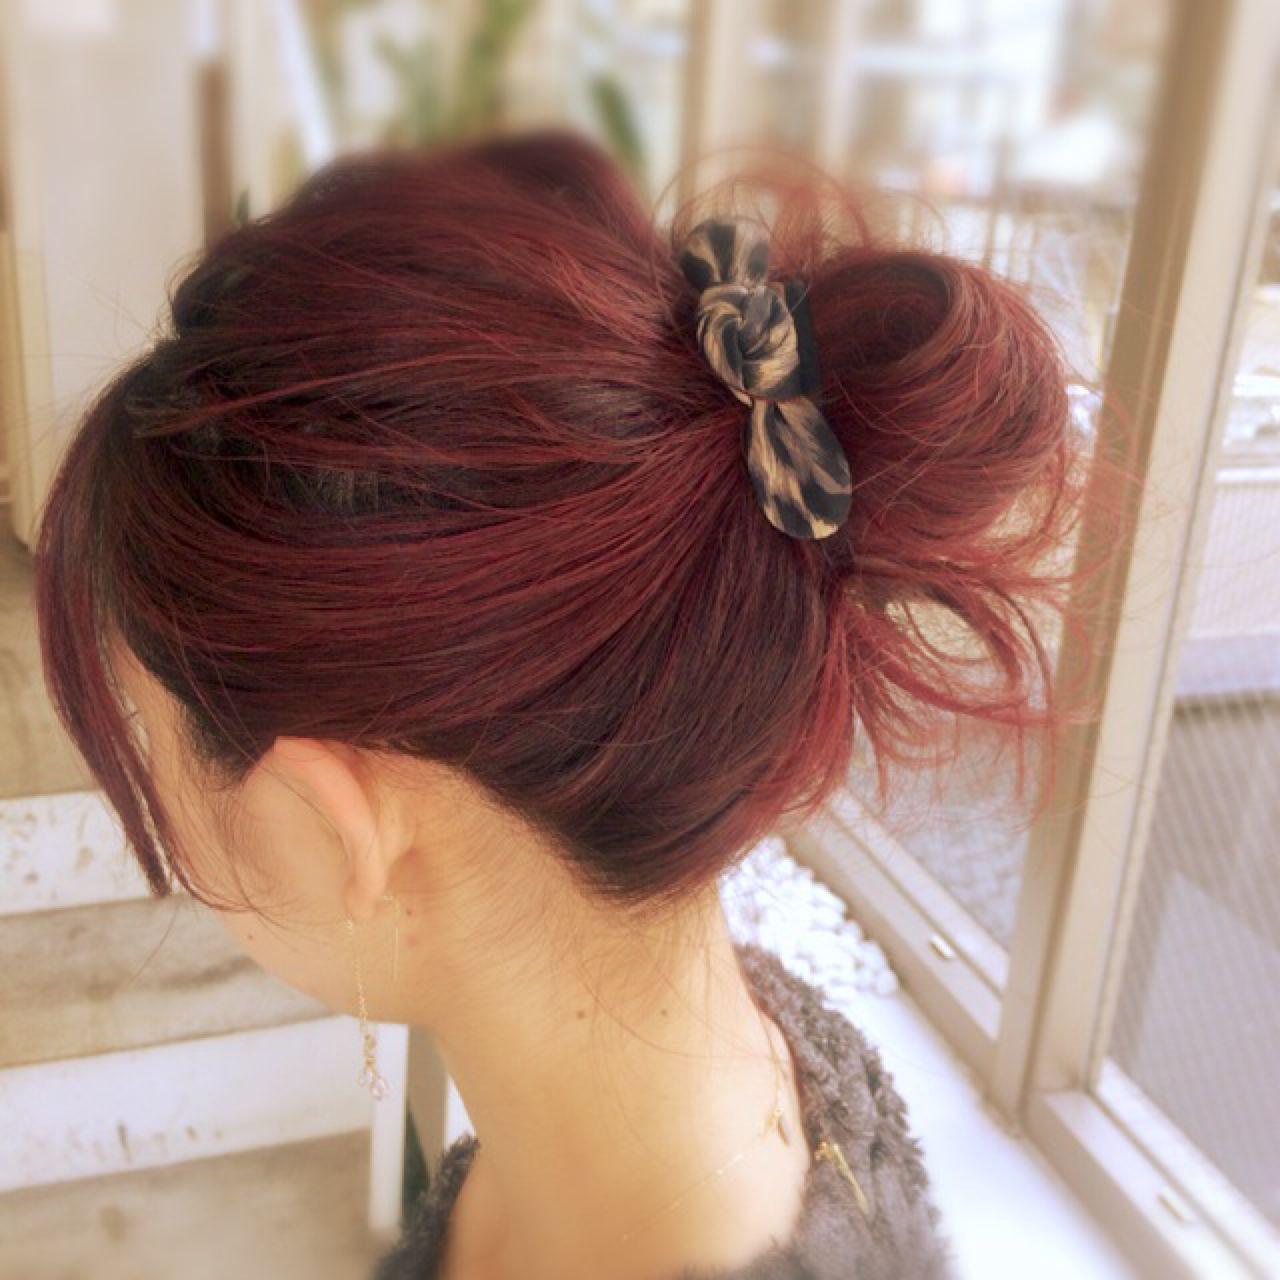 夏が来る前にチェックしよう!水着に合わせやすい髪型10選 世良 綾花